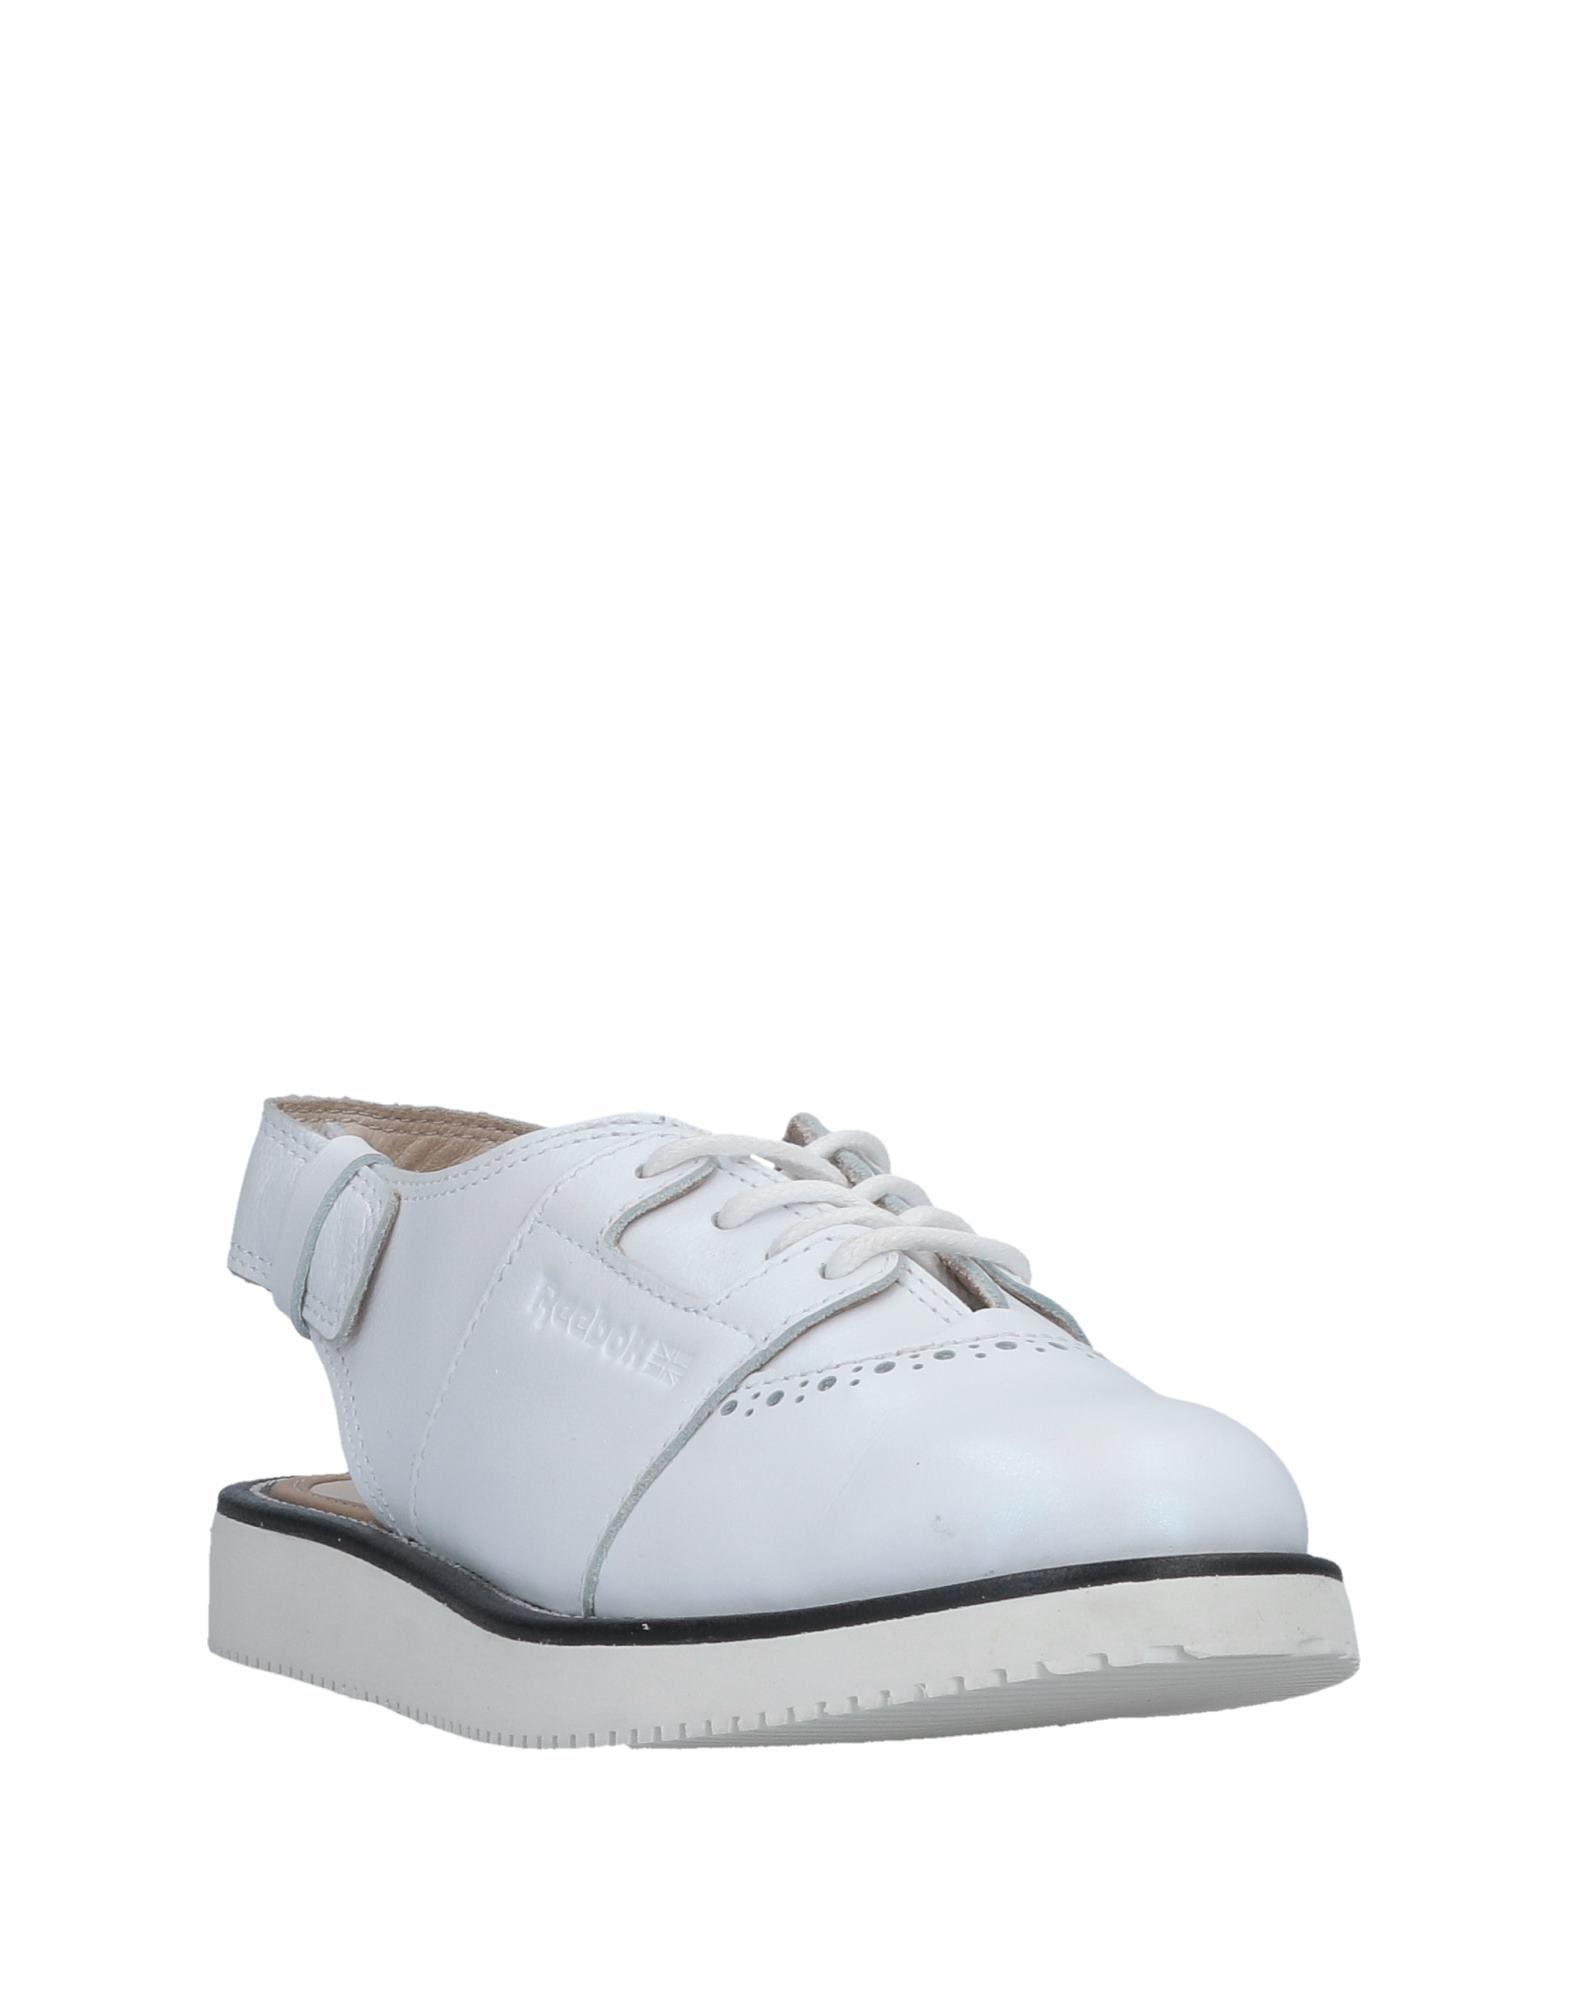 Reebok Schnürschuhe Damen  Schuhe 11510982VB Heiße Schuhe  fcc45b